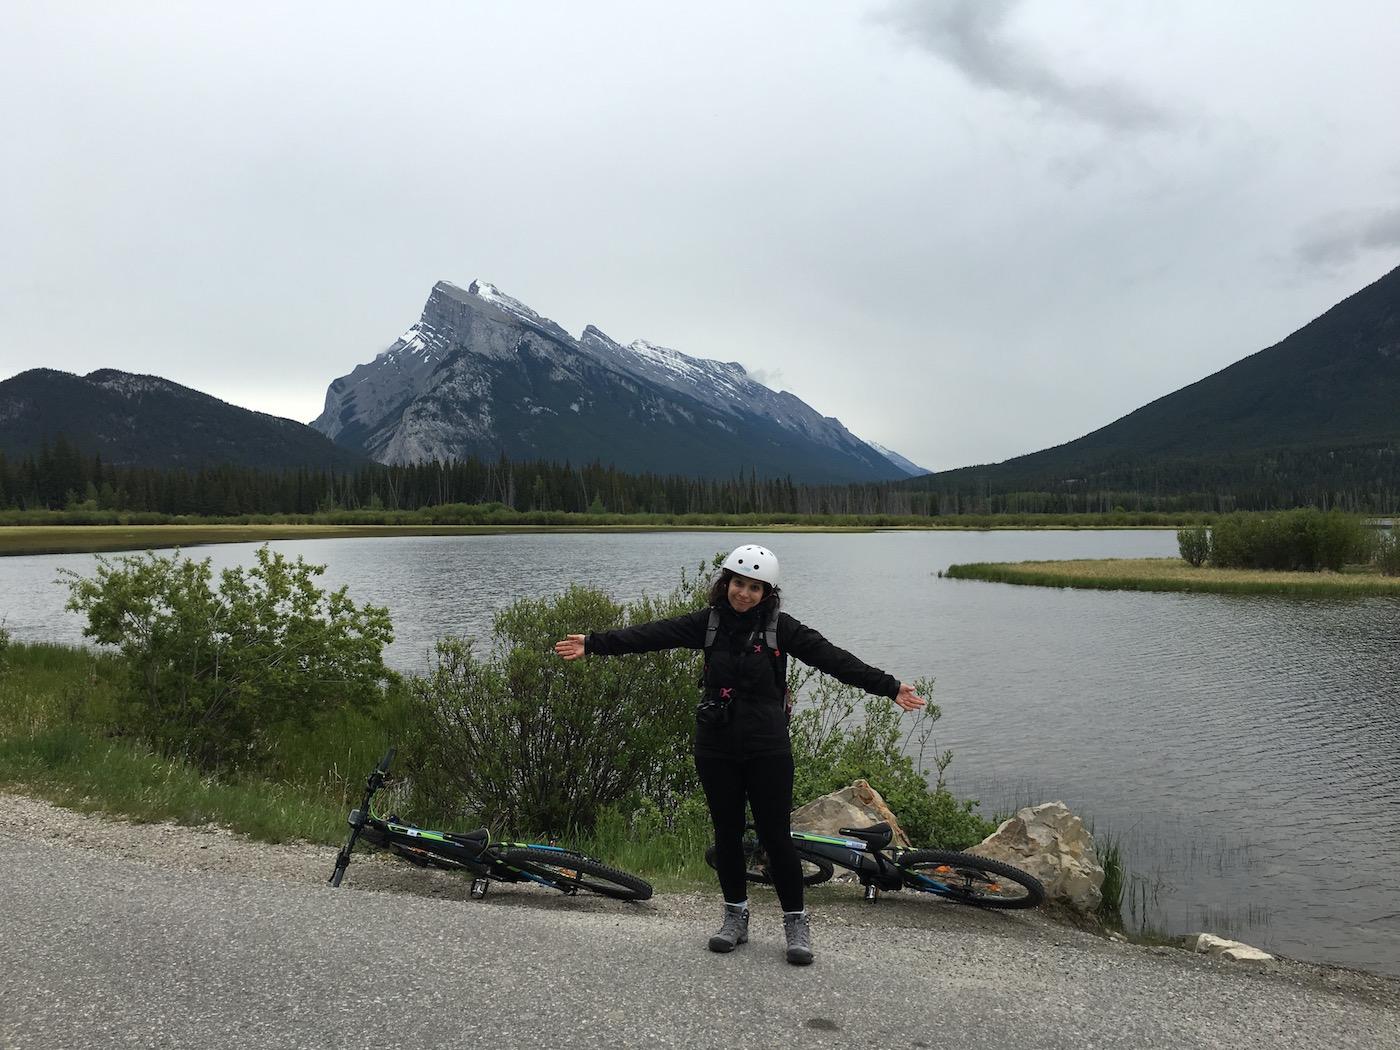 Rivière Bow en vélo Rocheuses Canadiennes